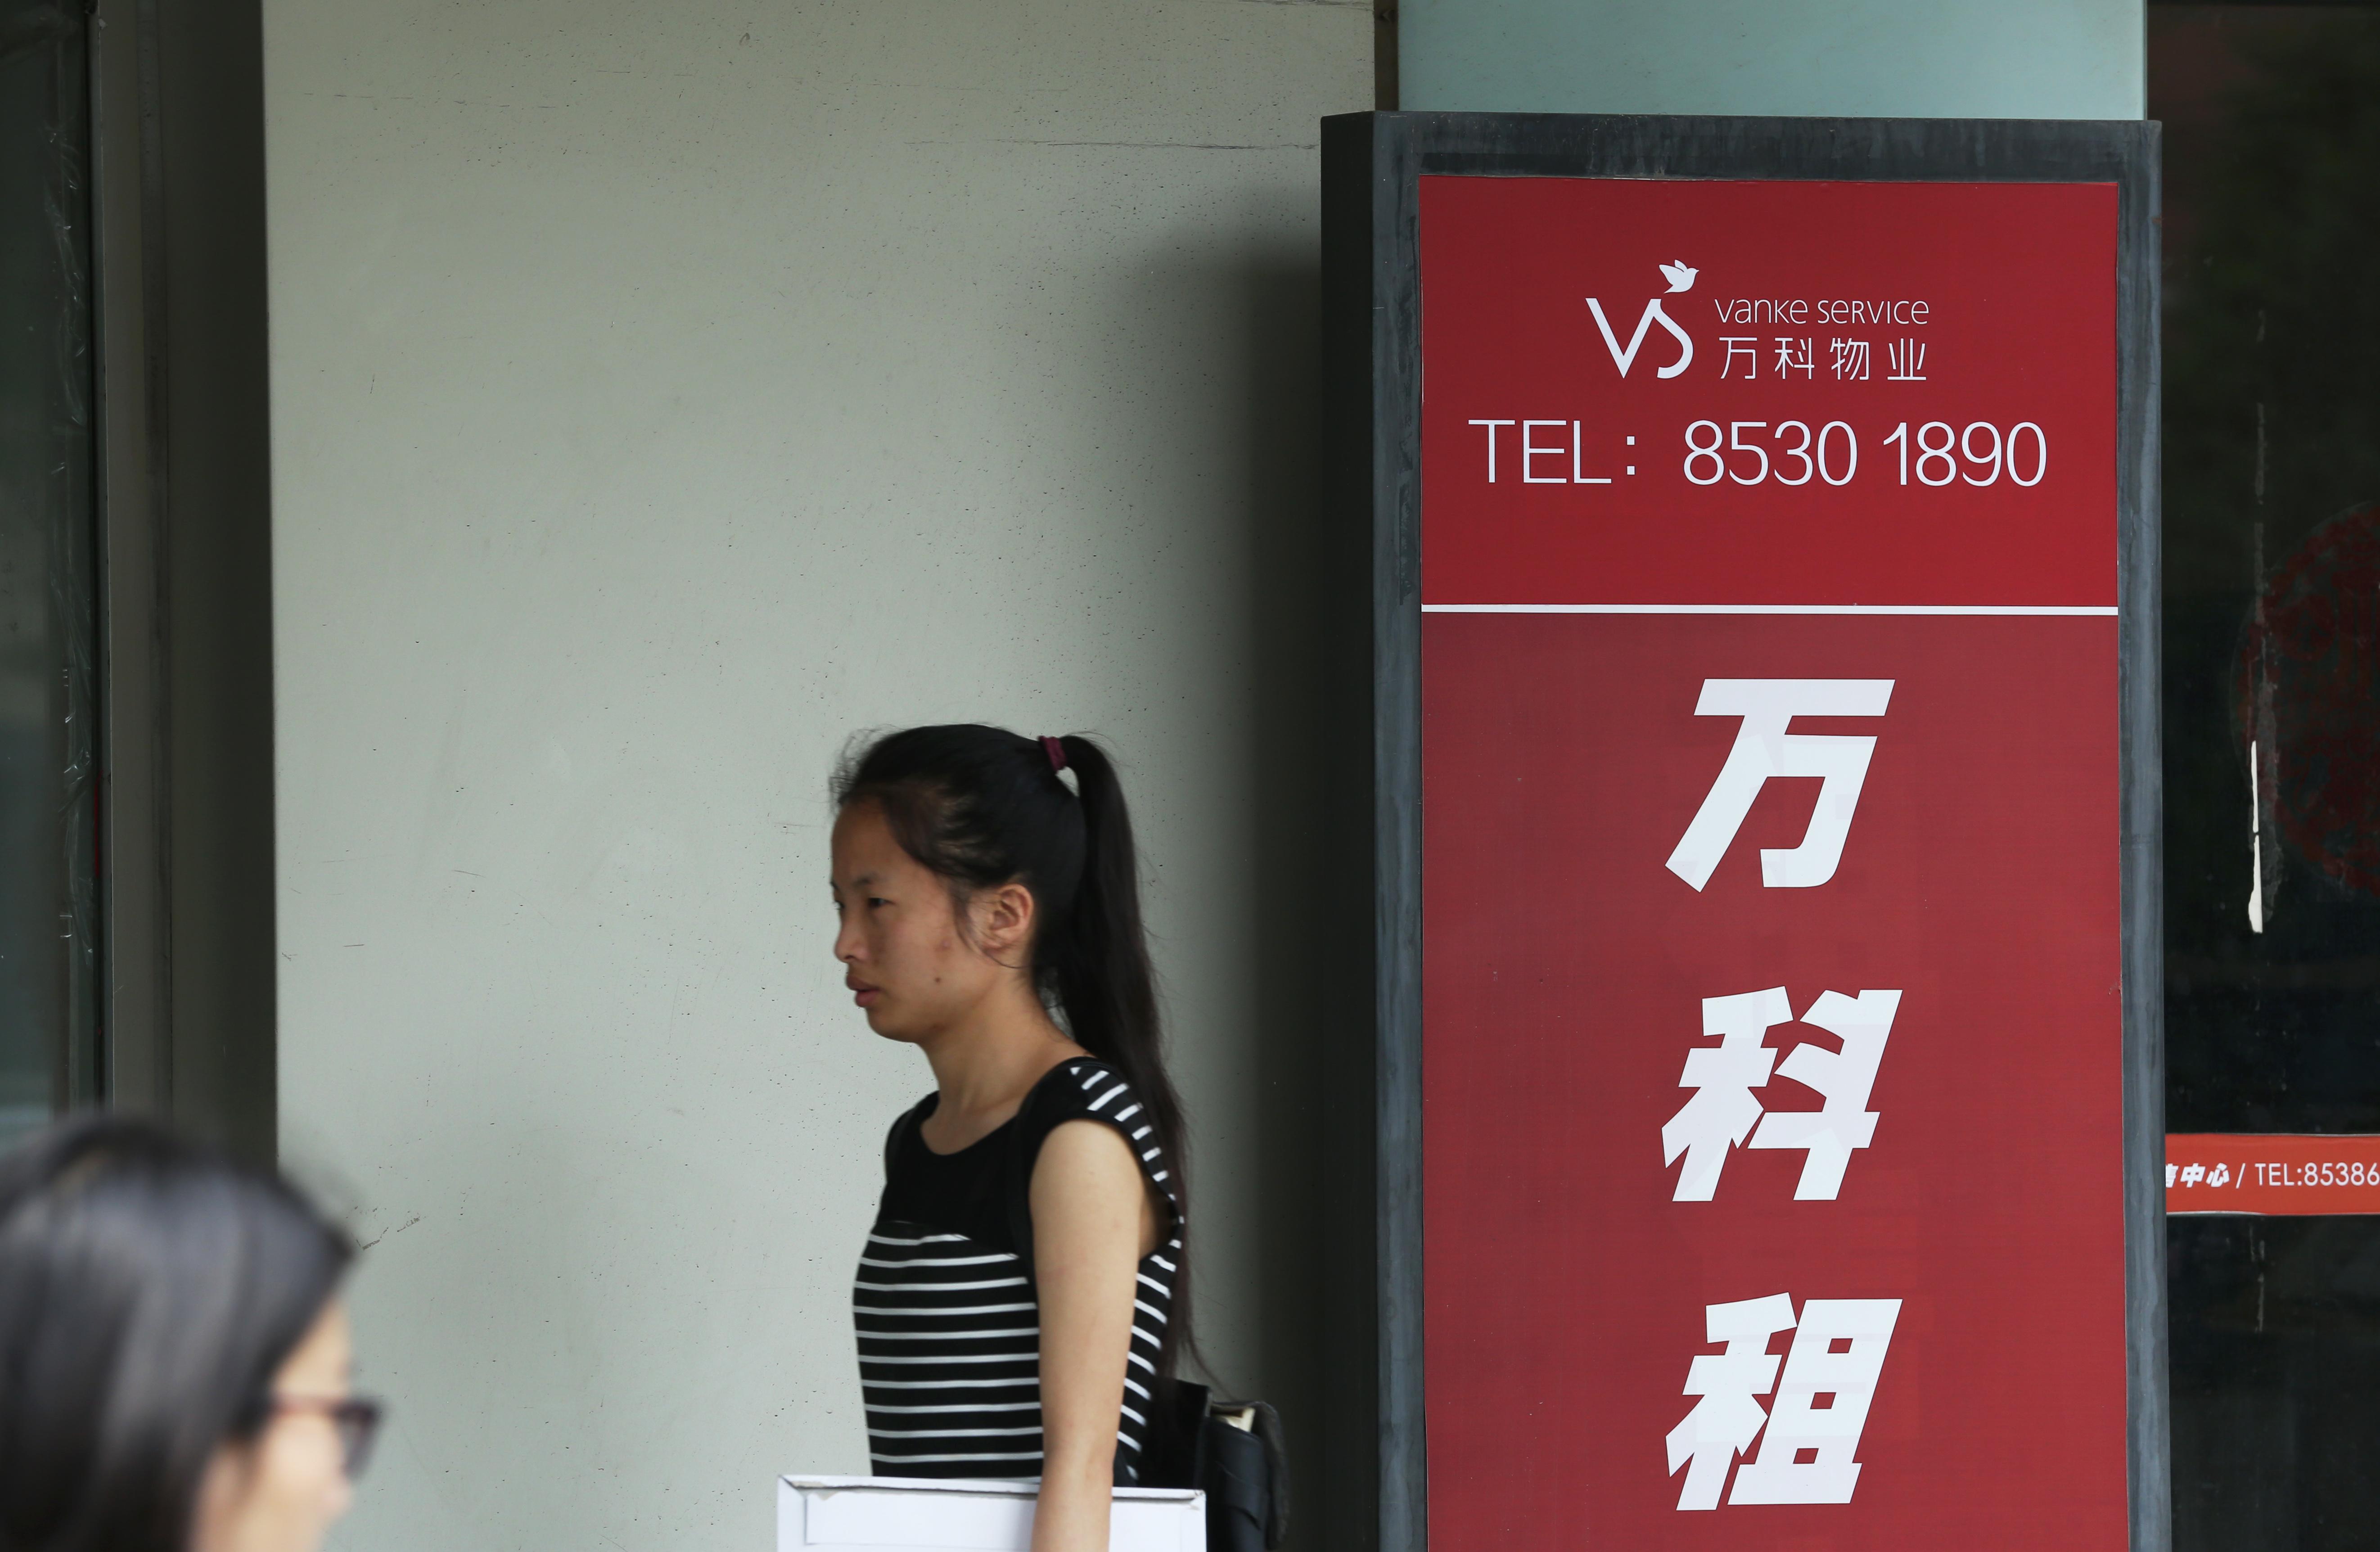 CHINA-ECONOMY-STOCKS-PROPERTY-VANKE